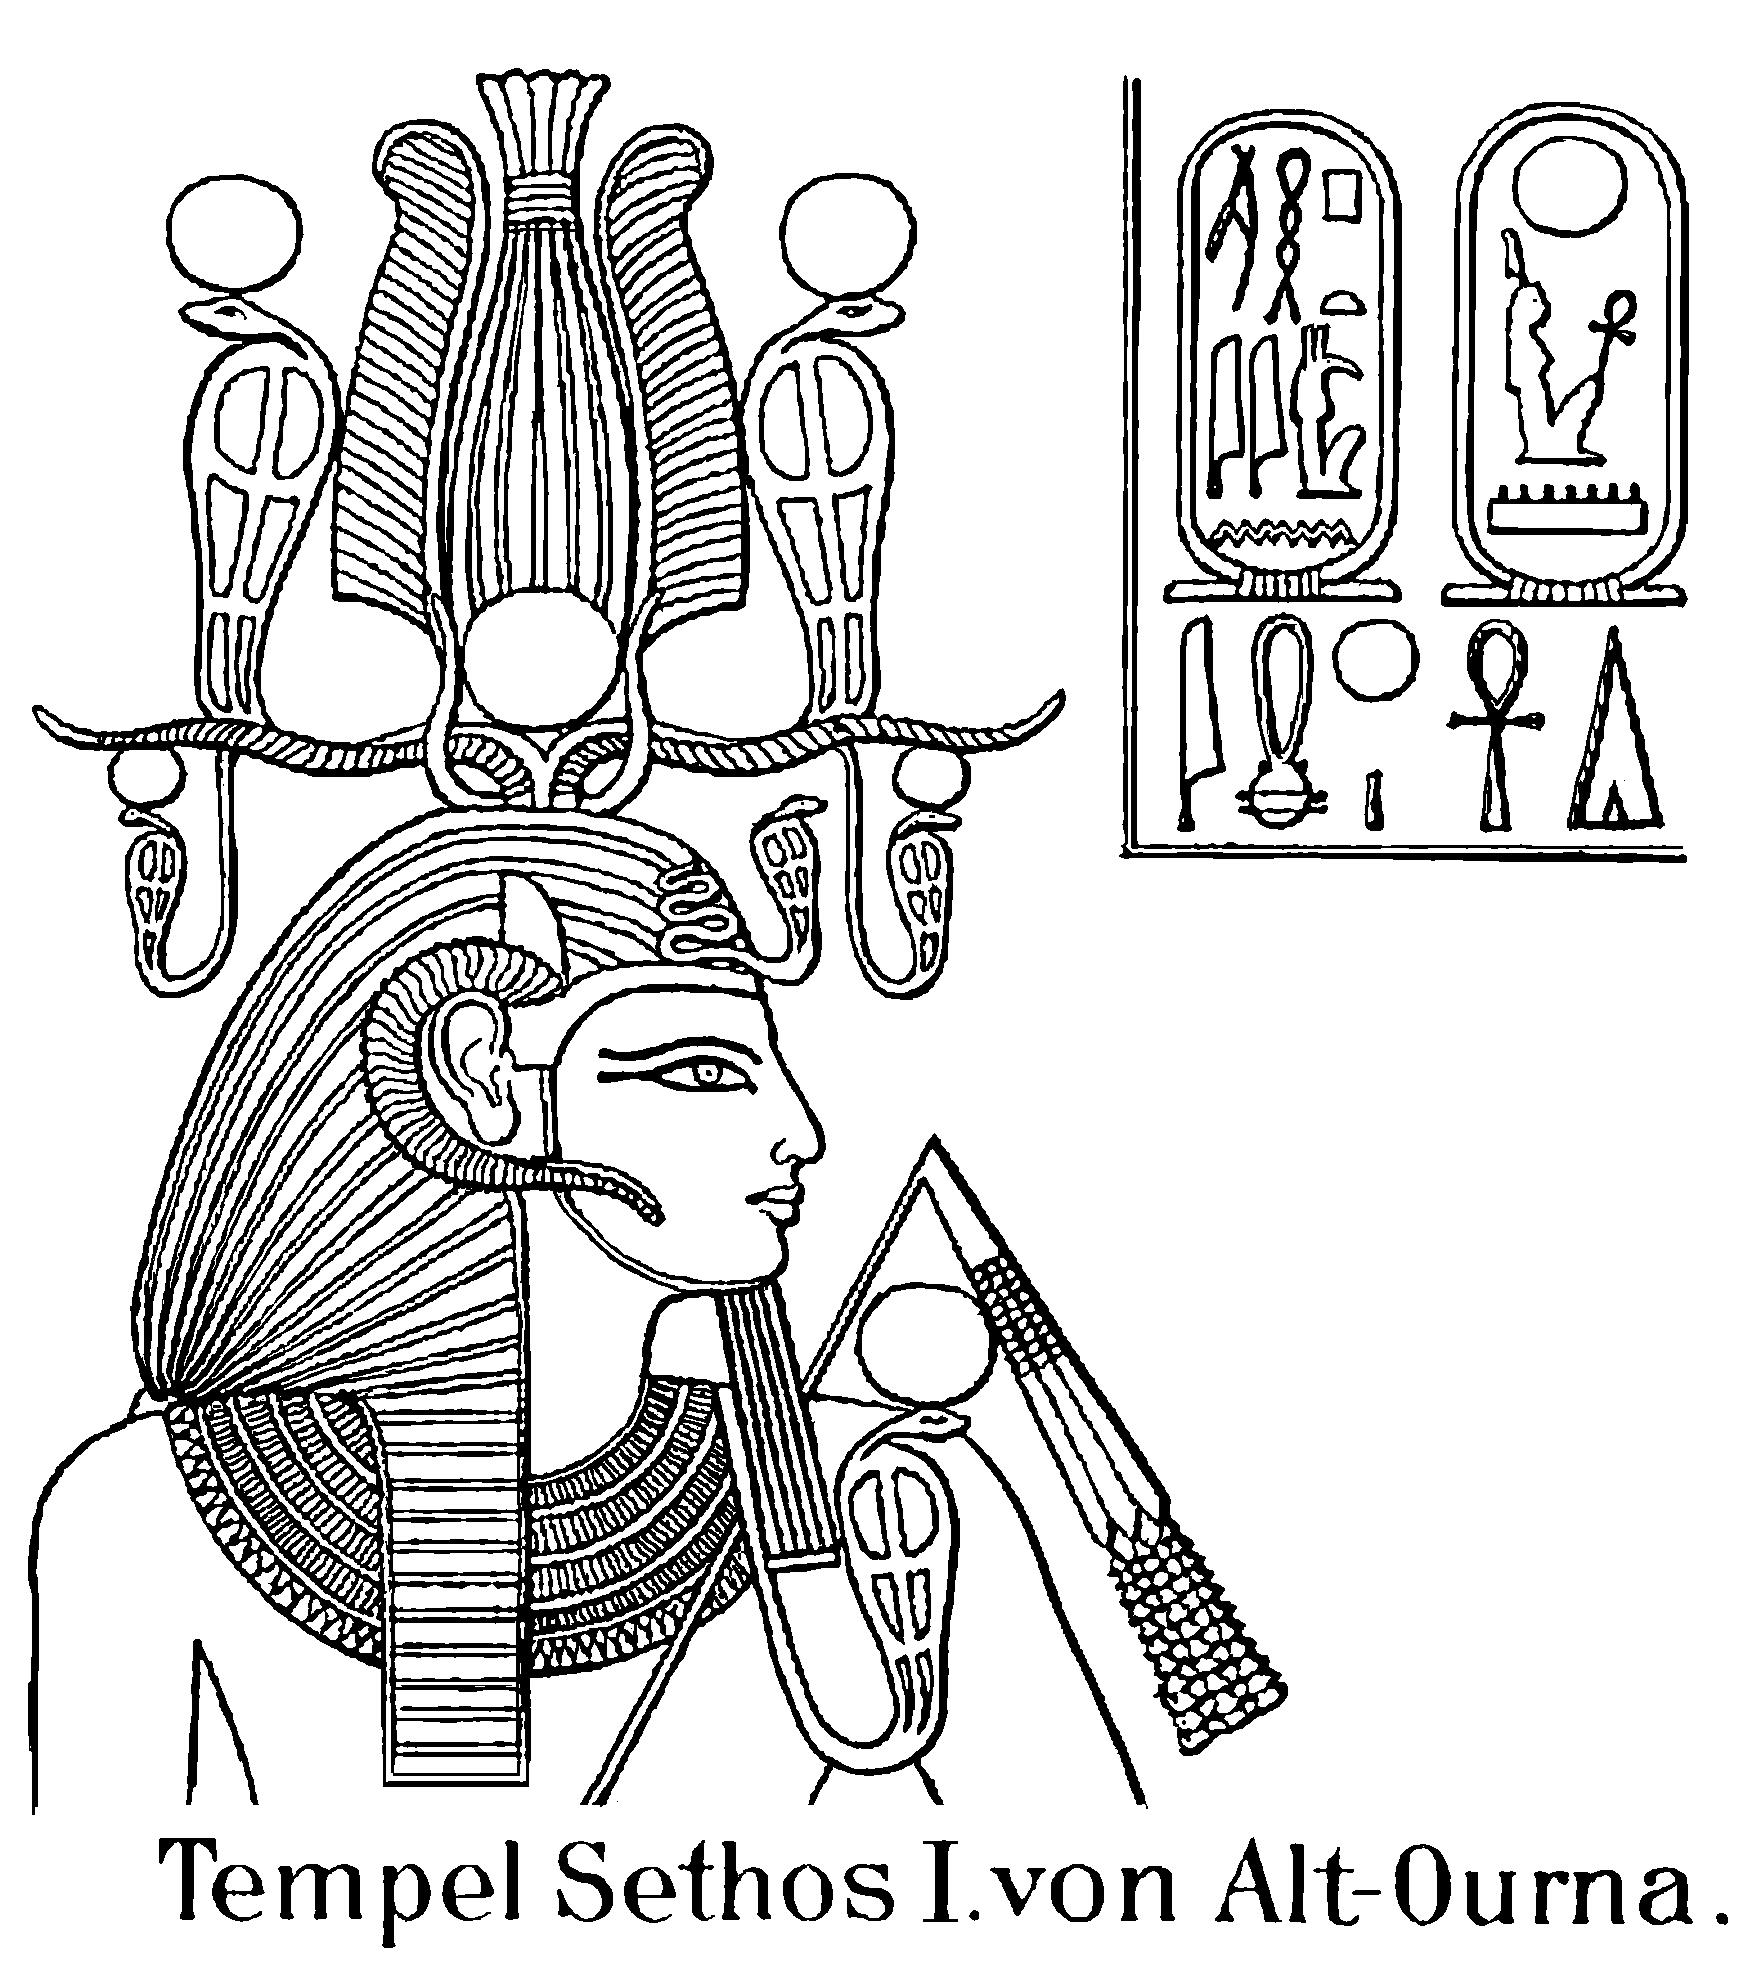 墨西哥太阳金字塔简笔画